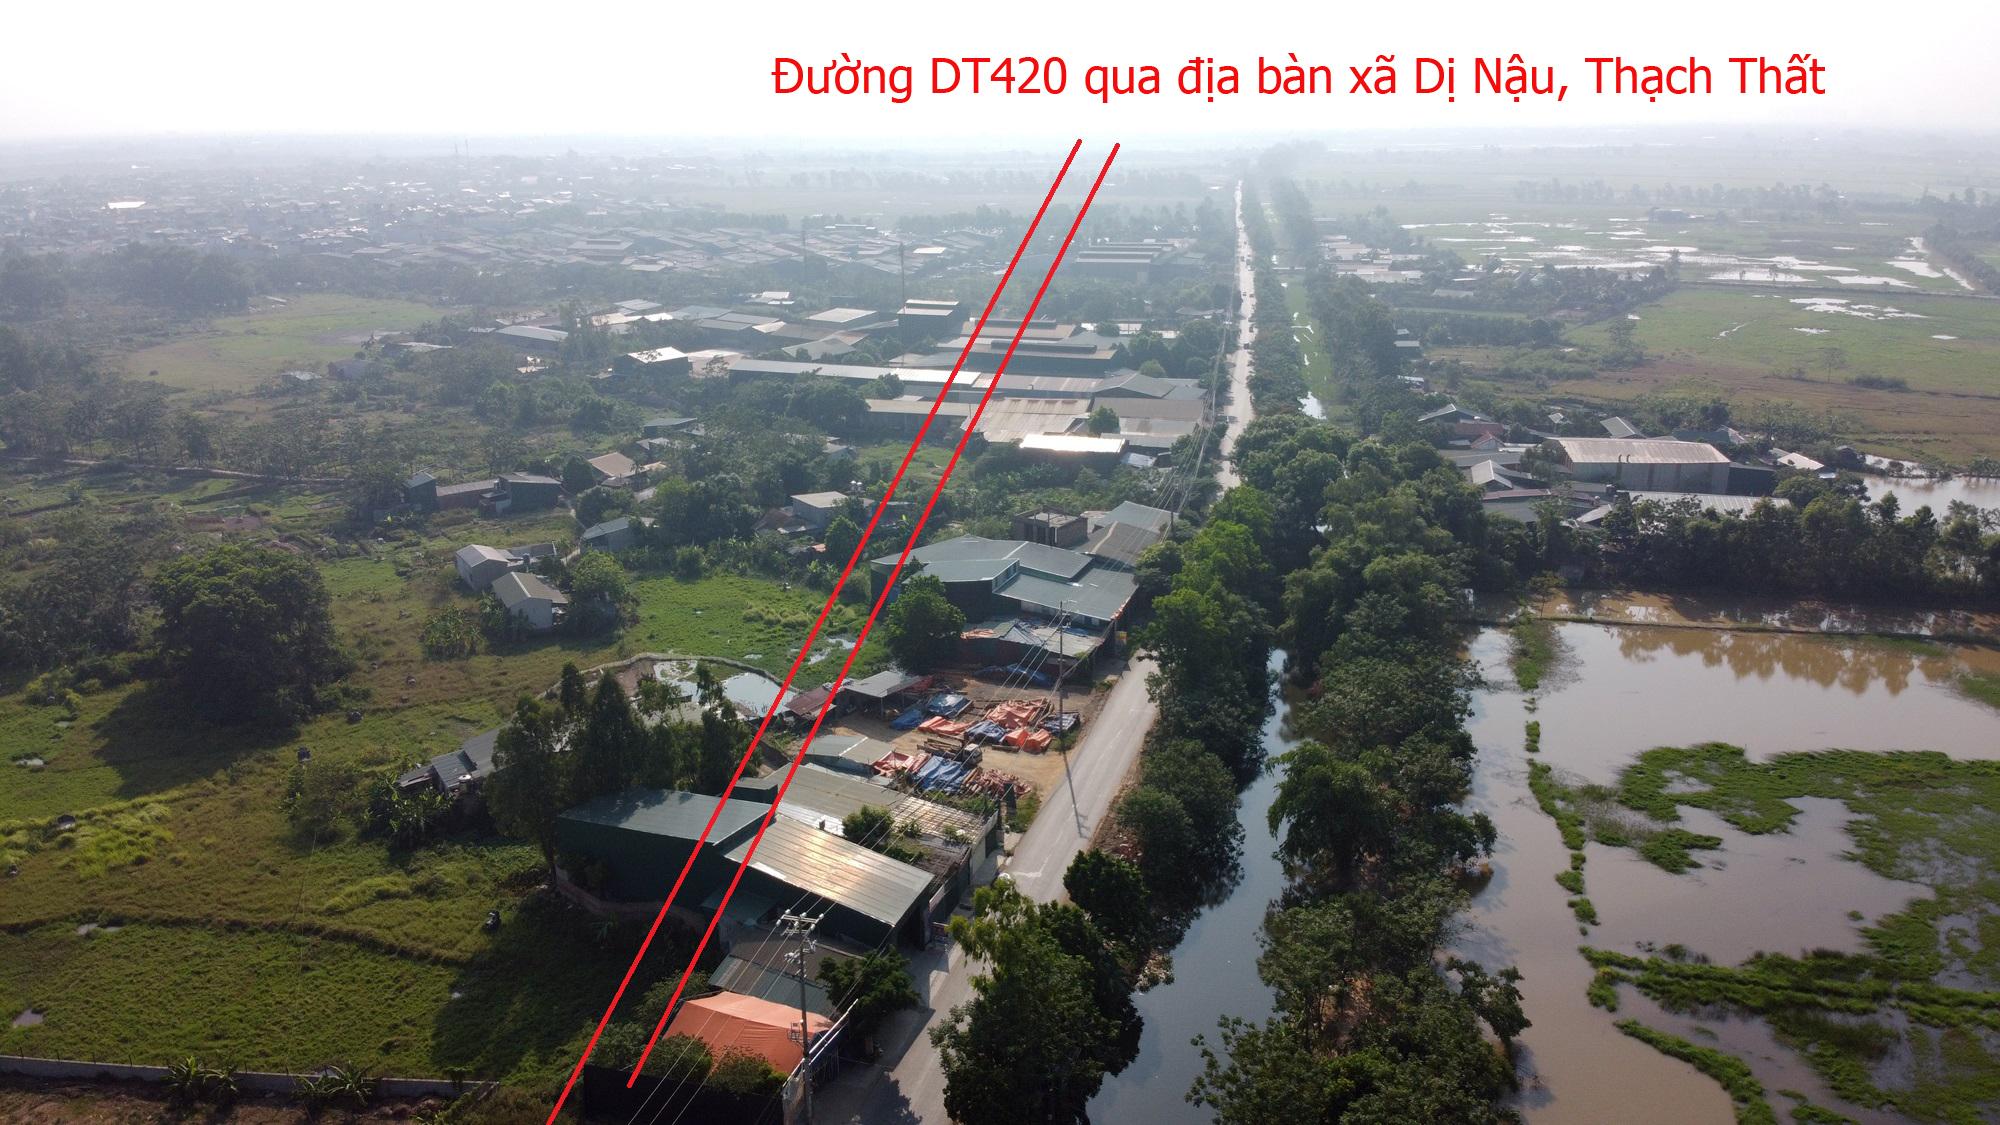 Trục đường Hồ Tây - Ba Vì qua Hòa Lạc sẽ mở theo qui hoạch: Toàn cảnh đoạn Vành đai 4 đến đường Hòa Lạc - Hòa Bình - Ảnh 11.